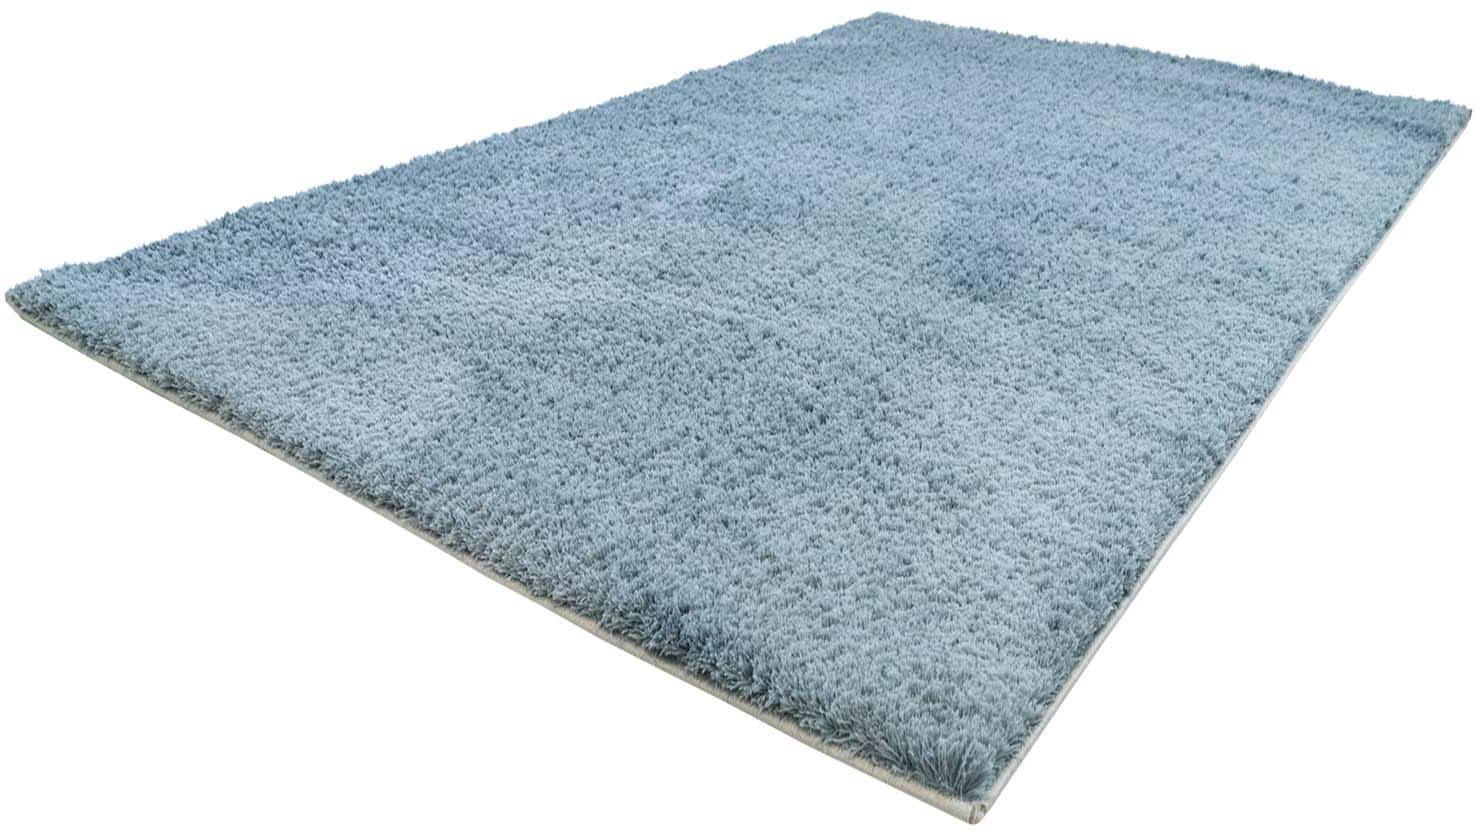 Hochflor-Läufer Softshine 2236 Carpet City rechteckig Höhe 30 mm maschinell gewebt